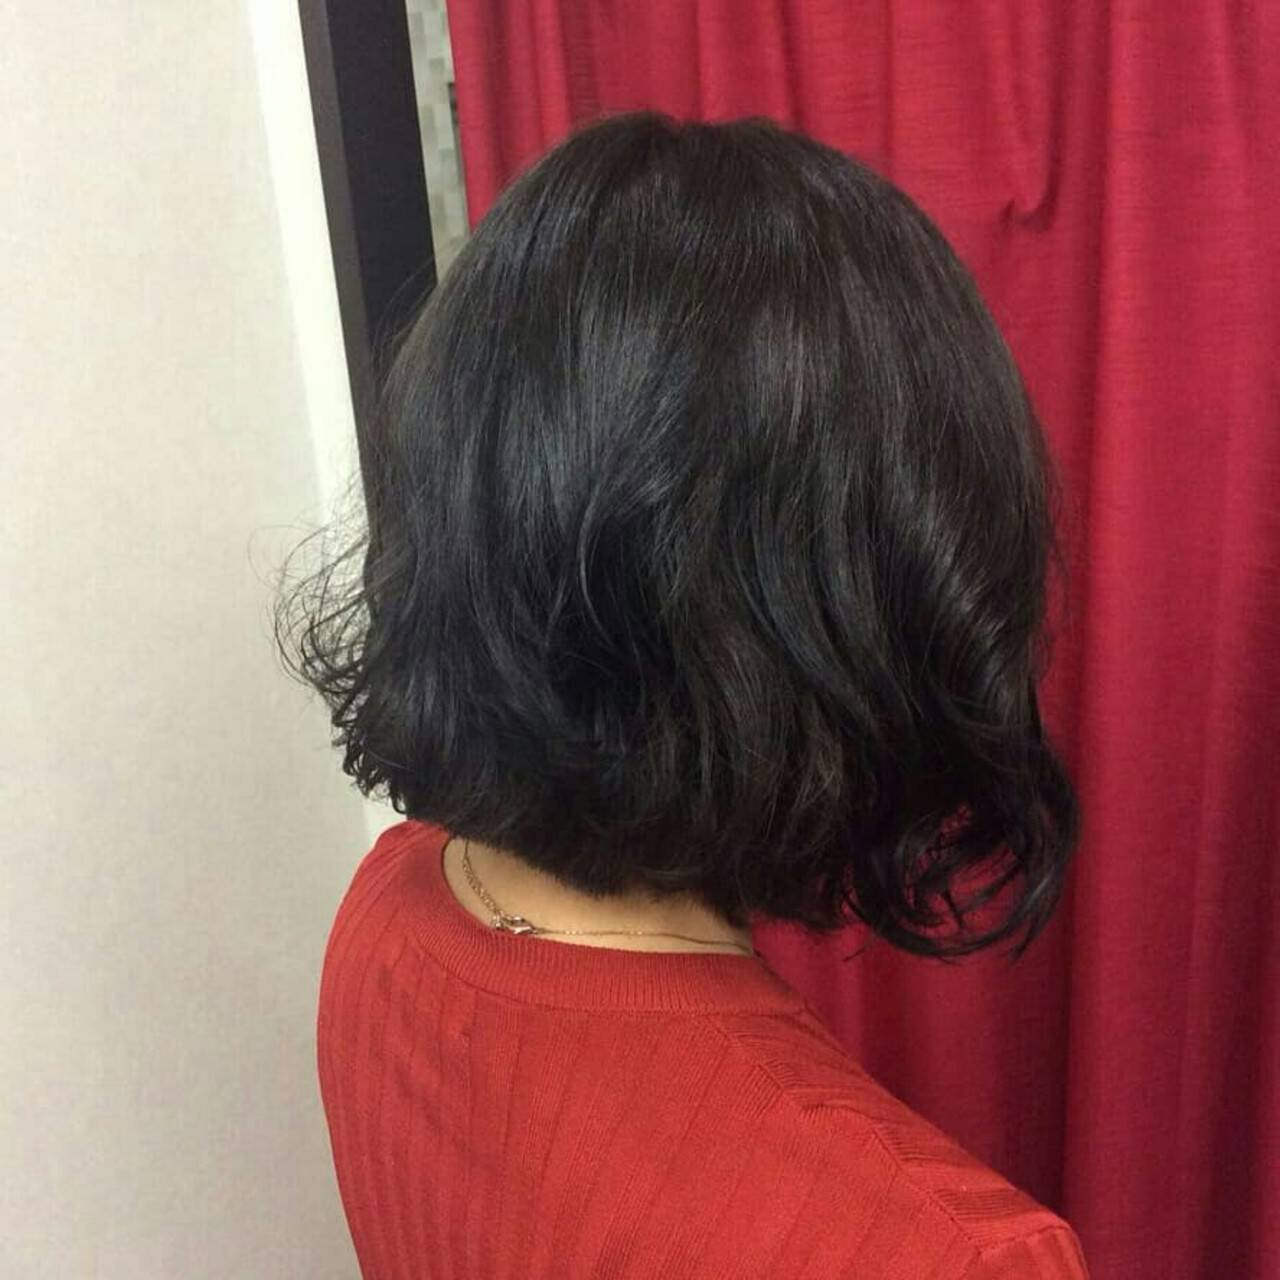 ナチュラル ボブ グレーアッシュ ボブヘアーヘアスタイルや髪型の写真・画像